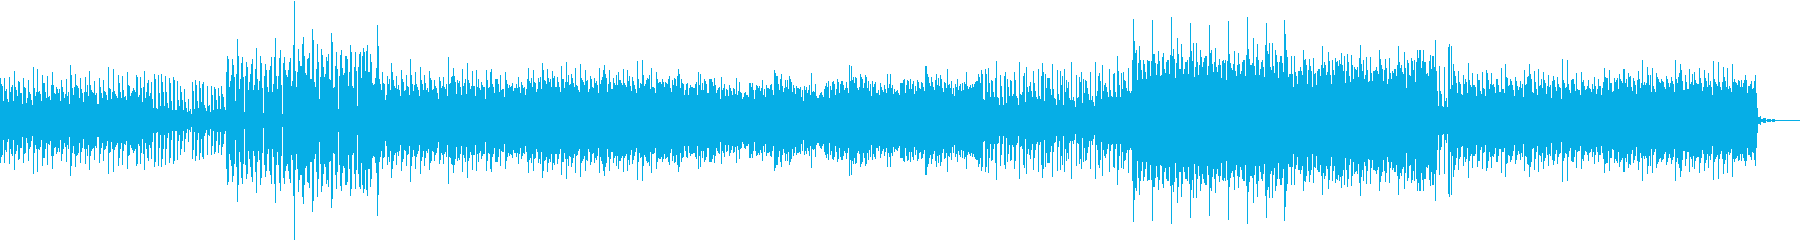 激しめのEDMサウンドです。の再生済みの波形